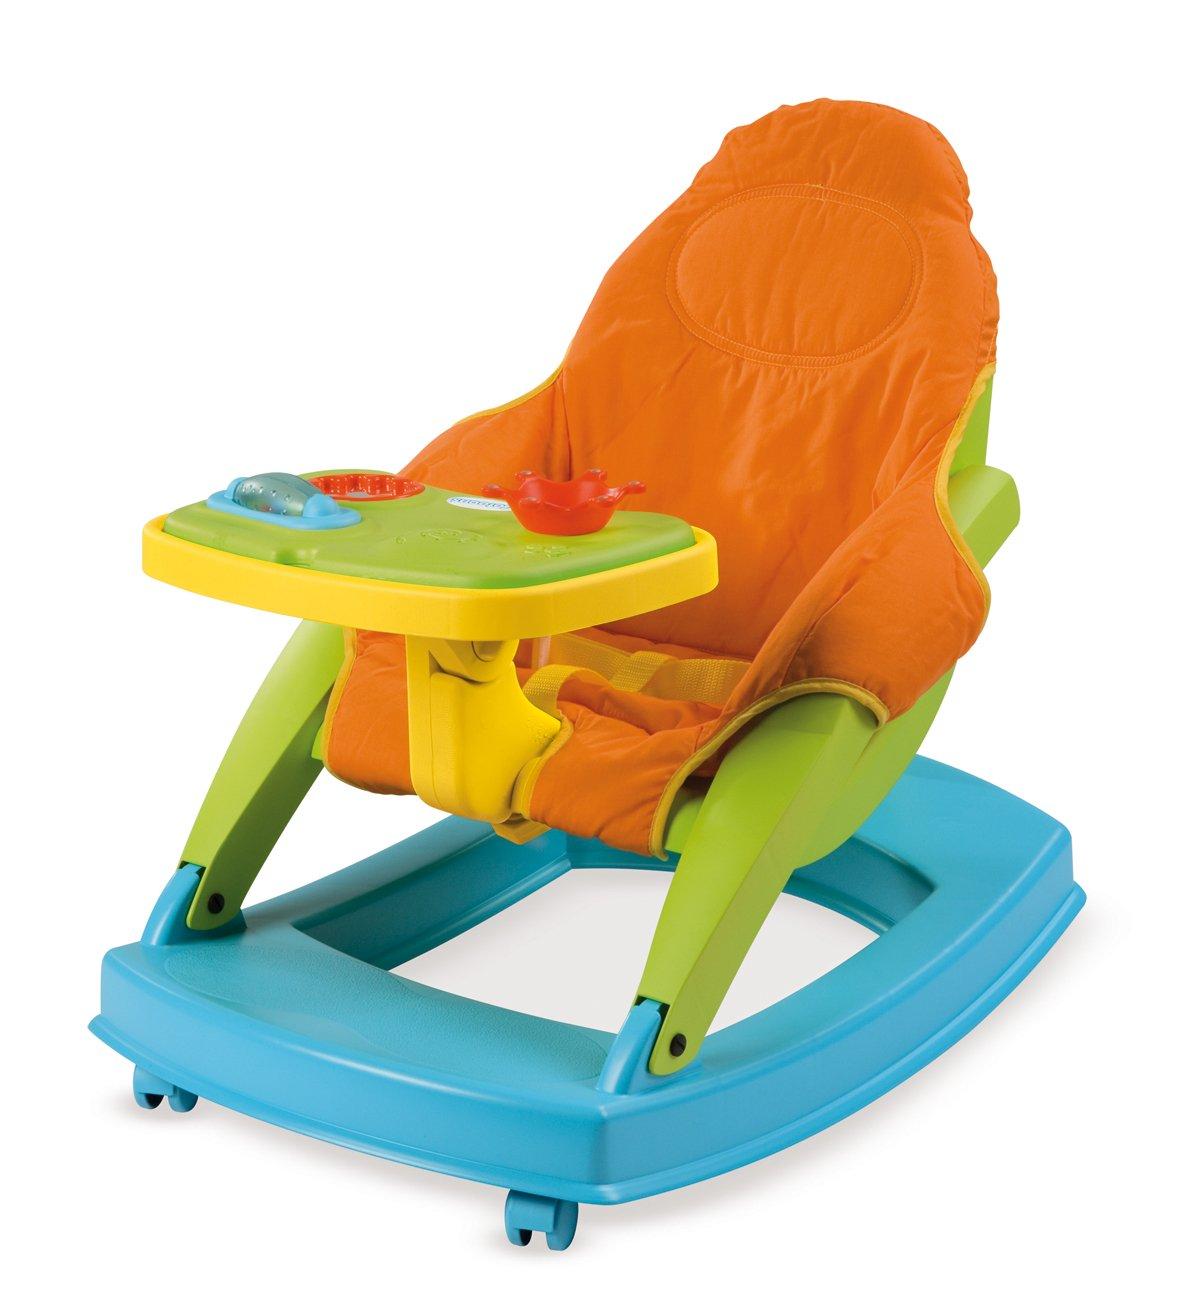 juguete Asiento Cotoons baby bascule 5 en 1 Smoby: Amazon.es: Juguetes y juegos